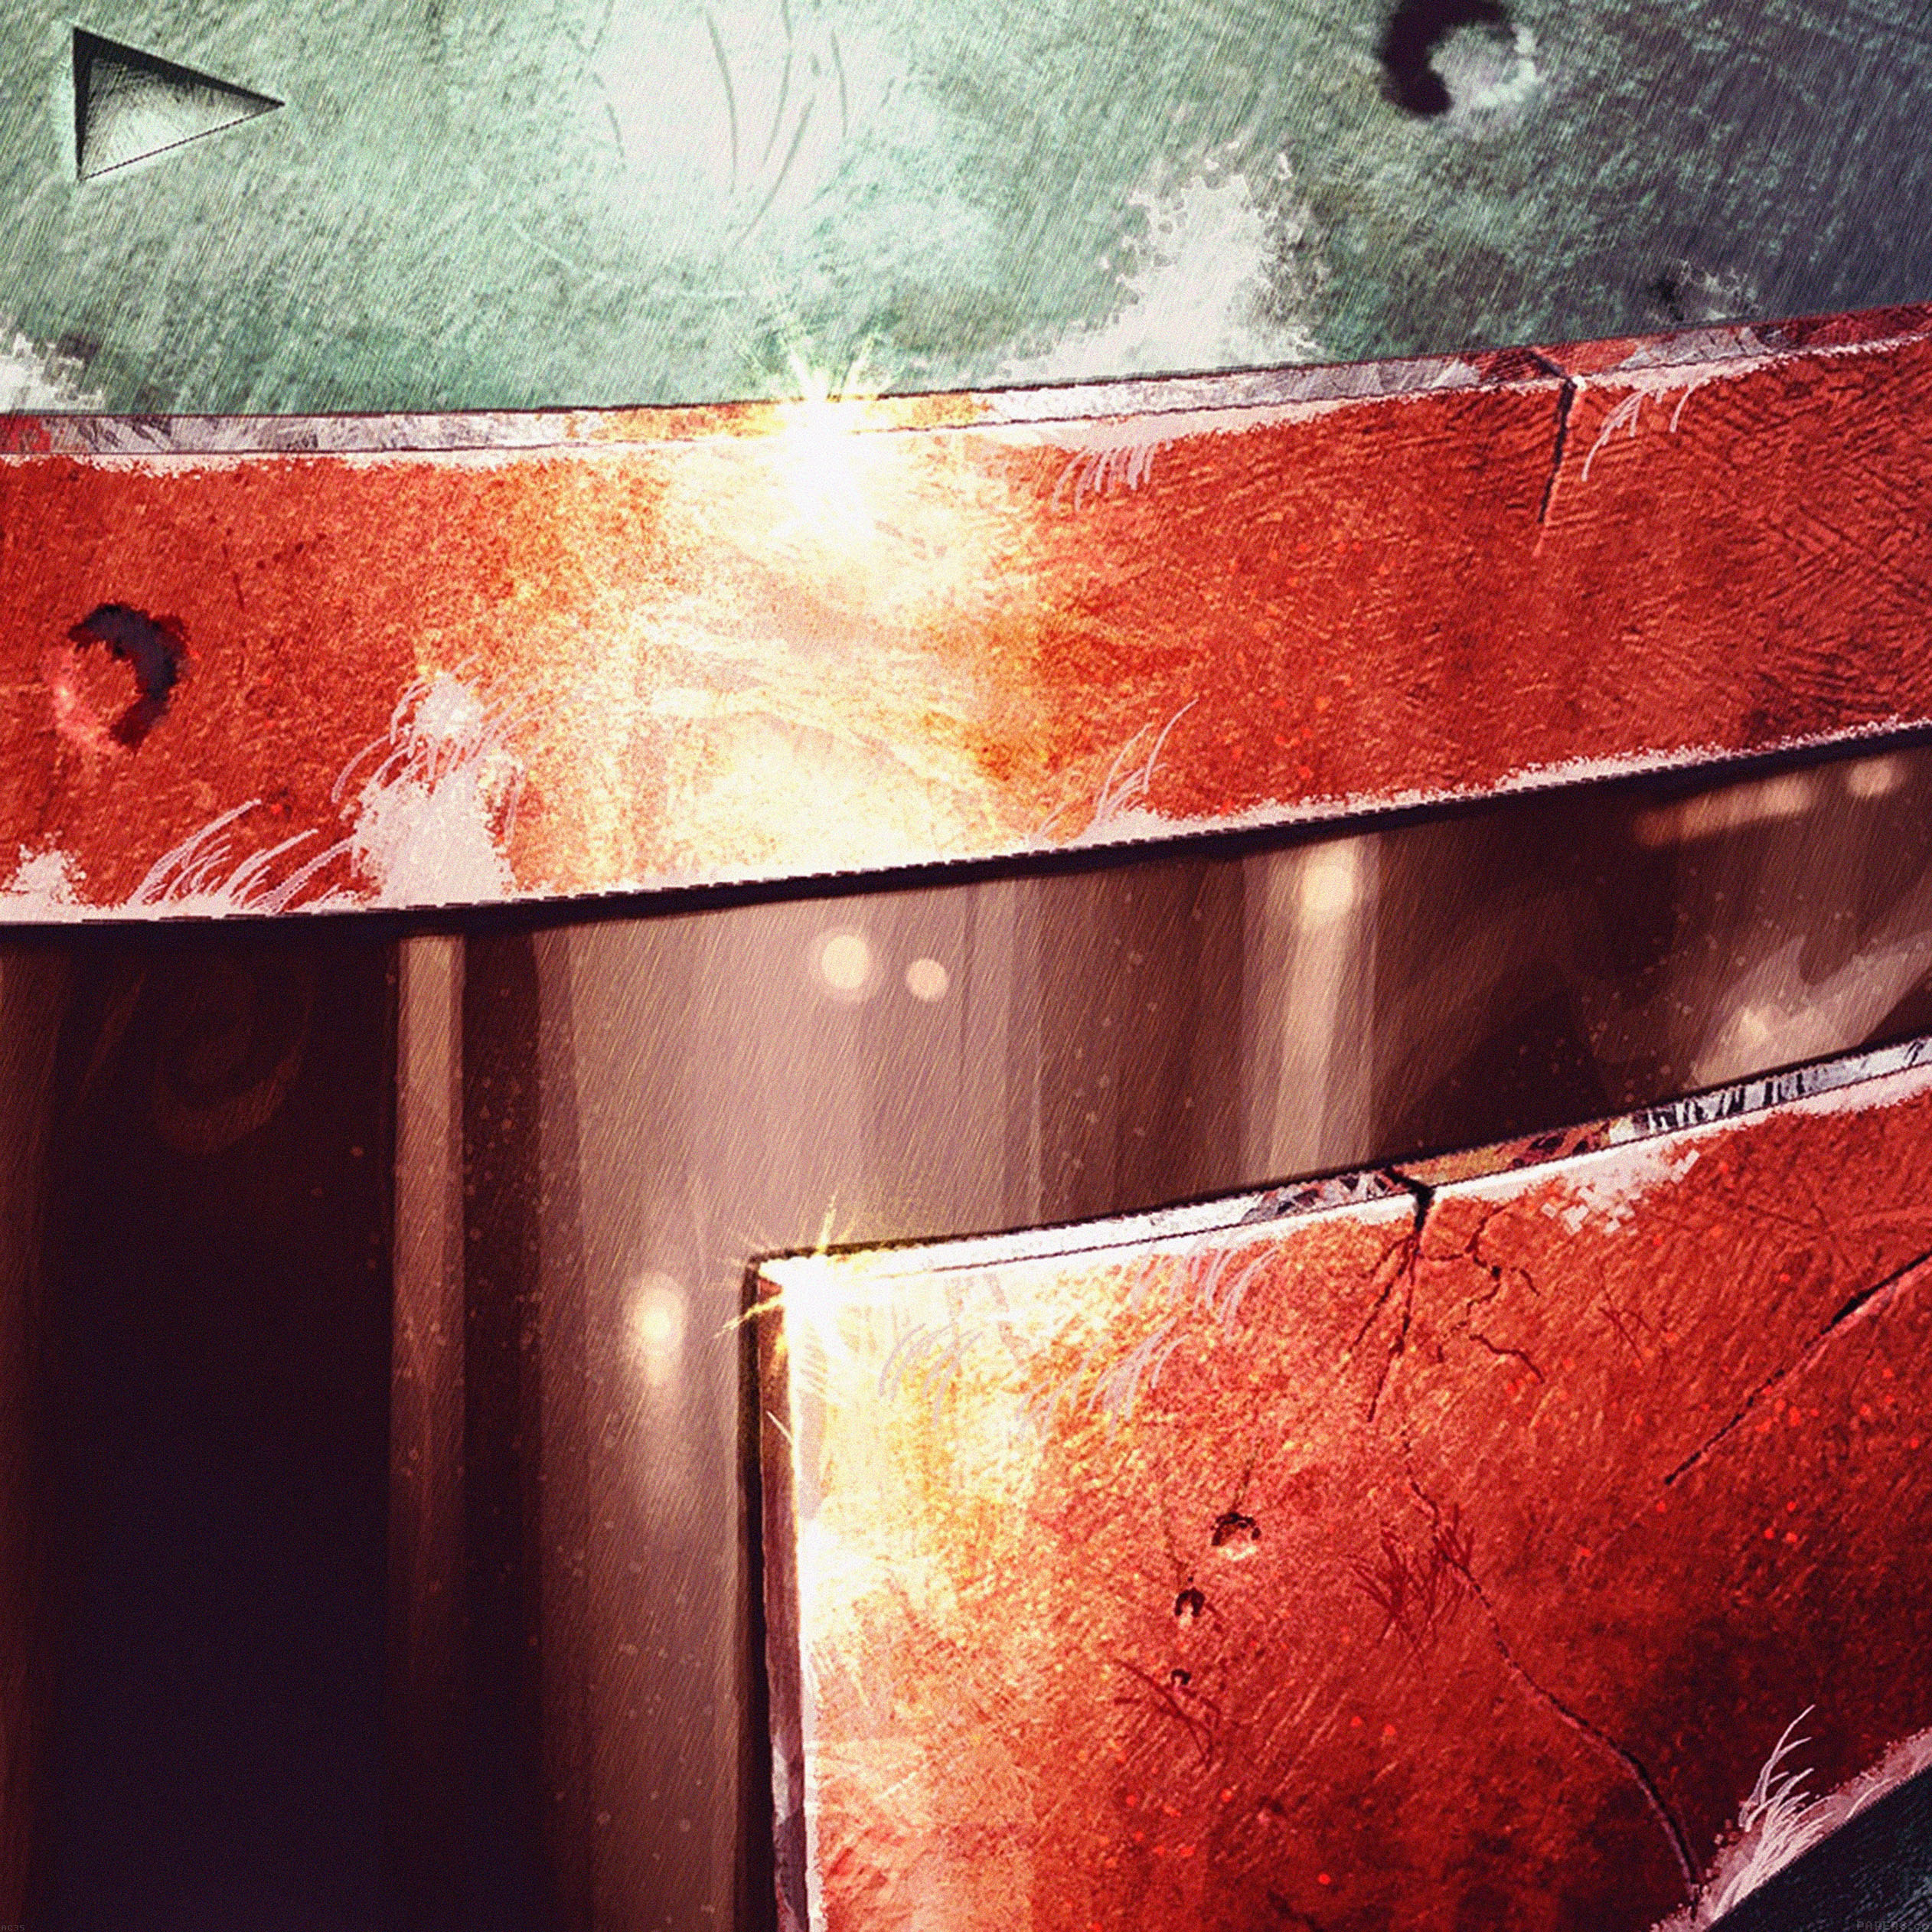 wallpaper-starwars-illust-9-wallpaper